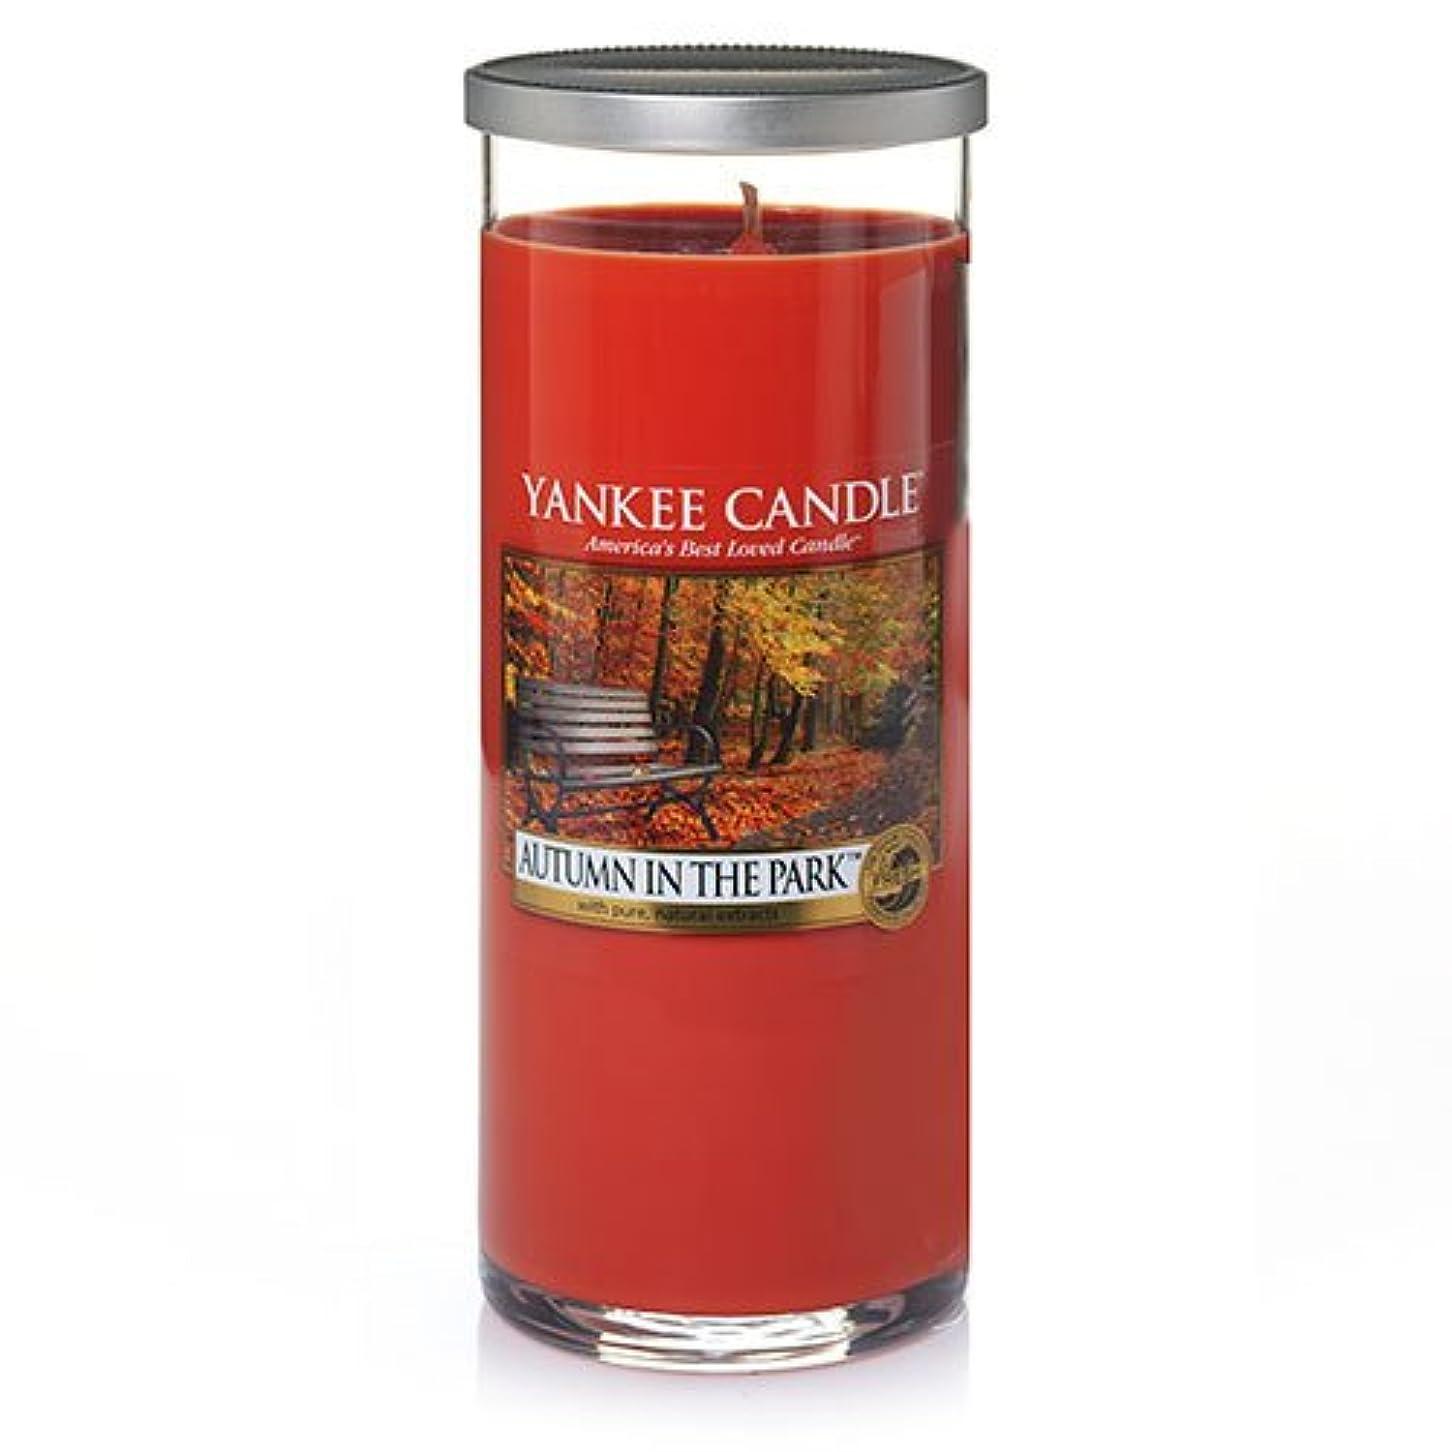 手つかずの疲労燃料Yankee Candle Autumn In The Park Large Perfect Pillar Candle、新鮮な香り